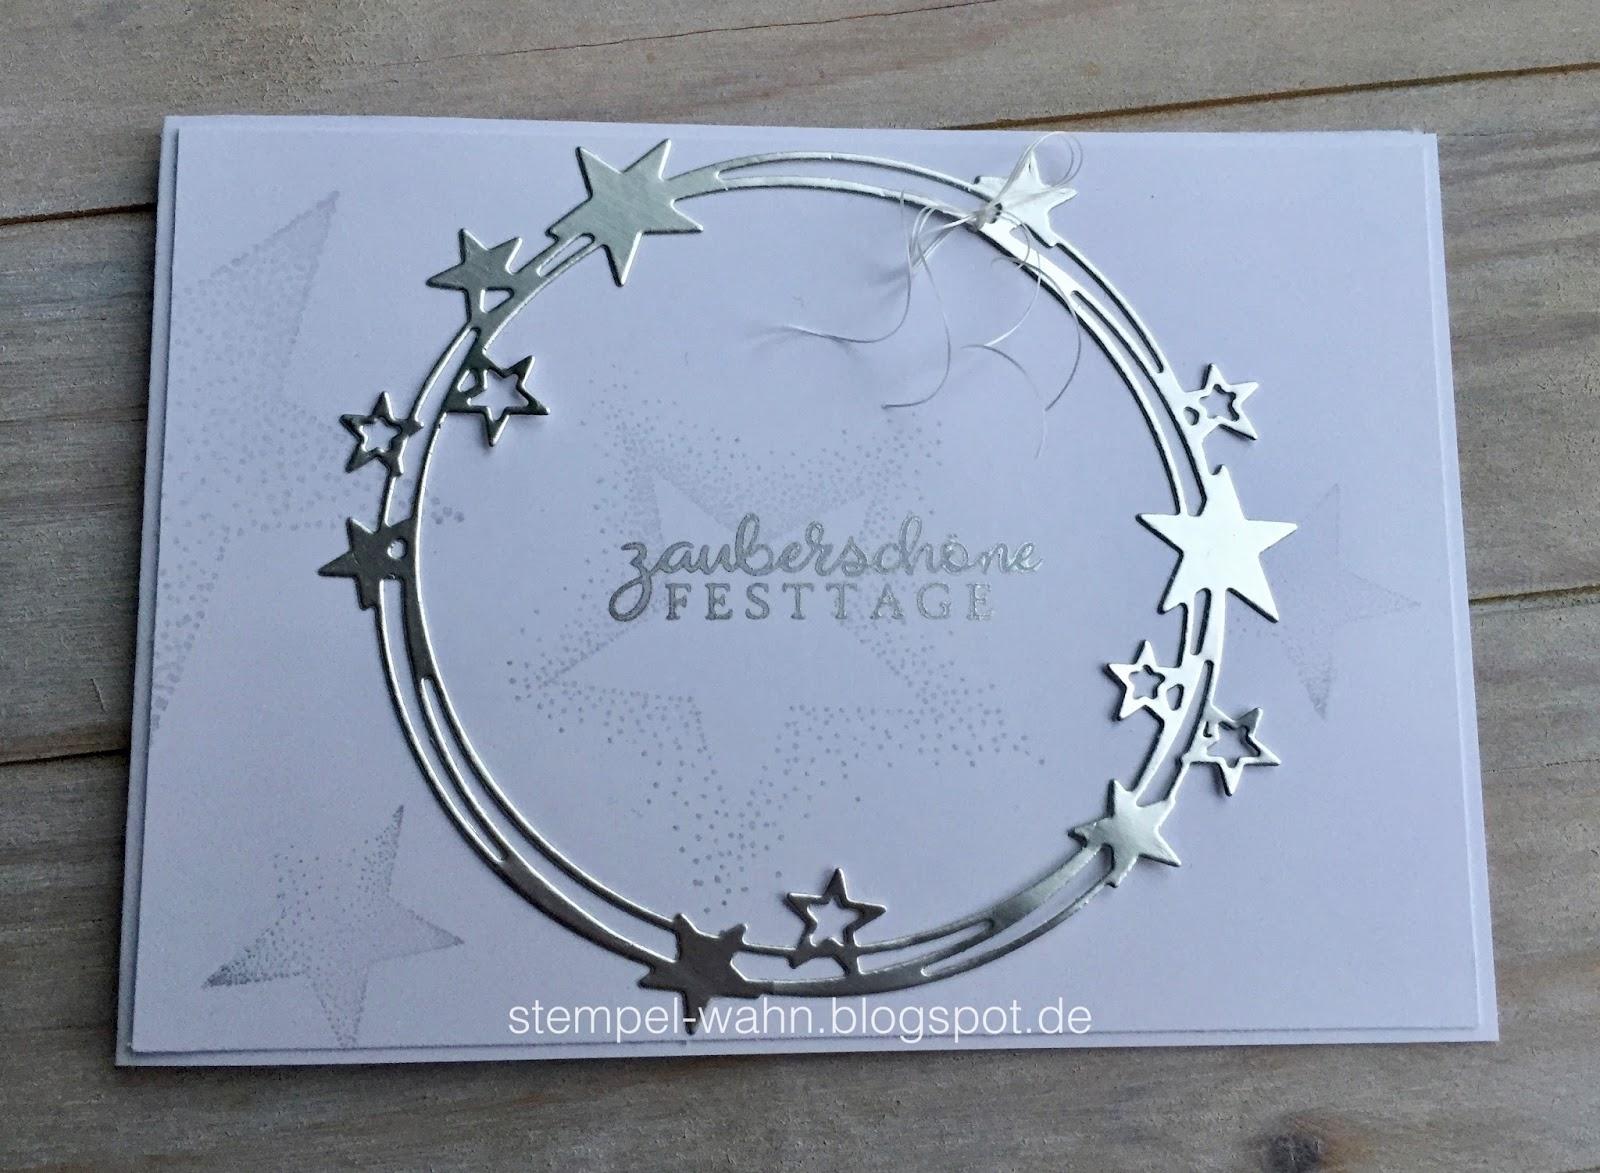 Erstaunlich Edle Weihnachtskarten Basteln Beste Wahl Stempel-wahn